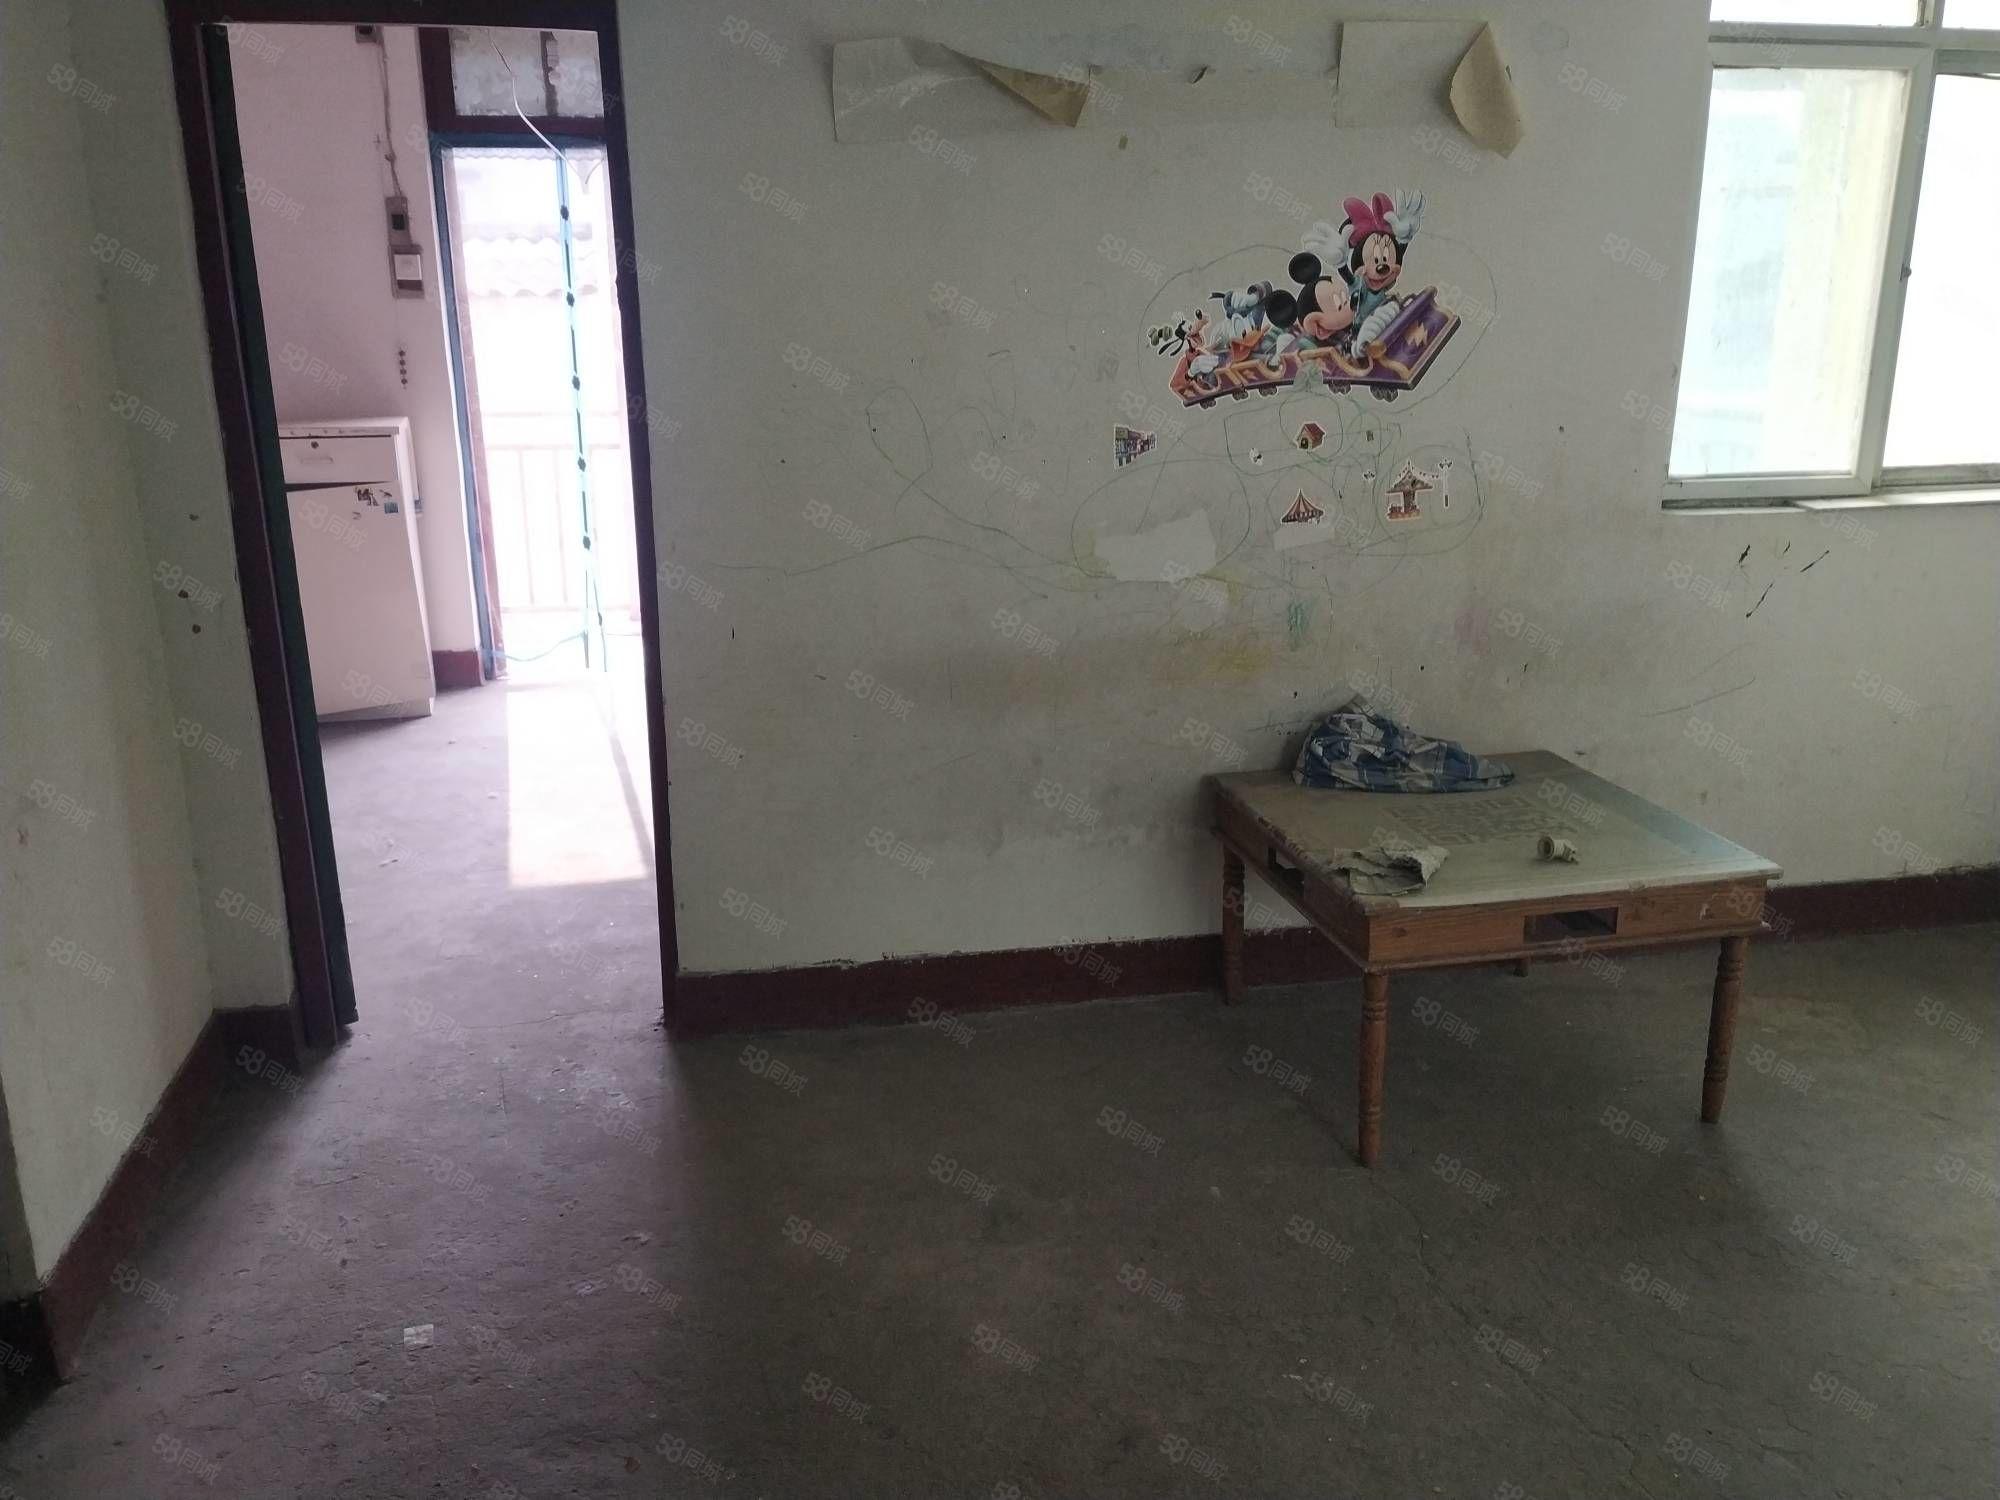 召陵区湘江路涵洞东水厂家属院3楼简装80平方2室400元